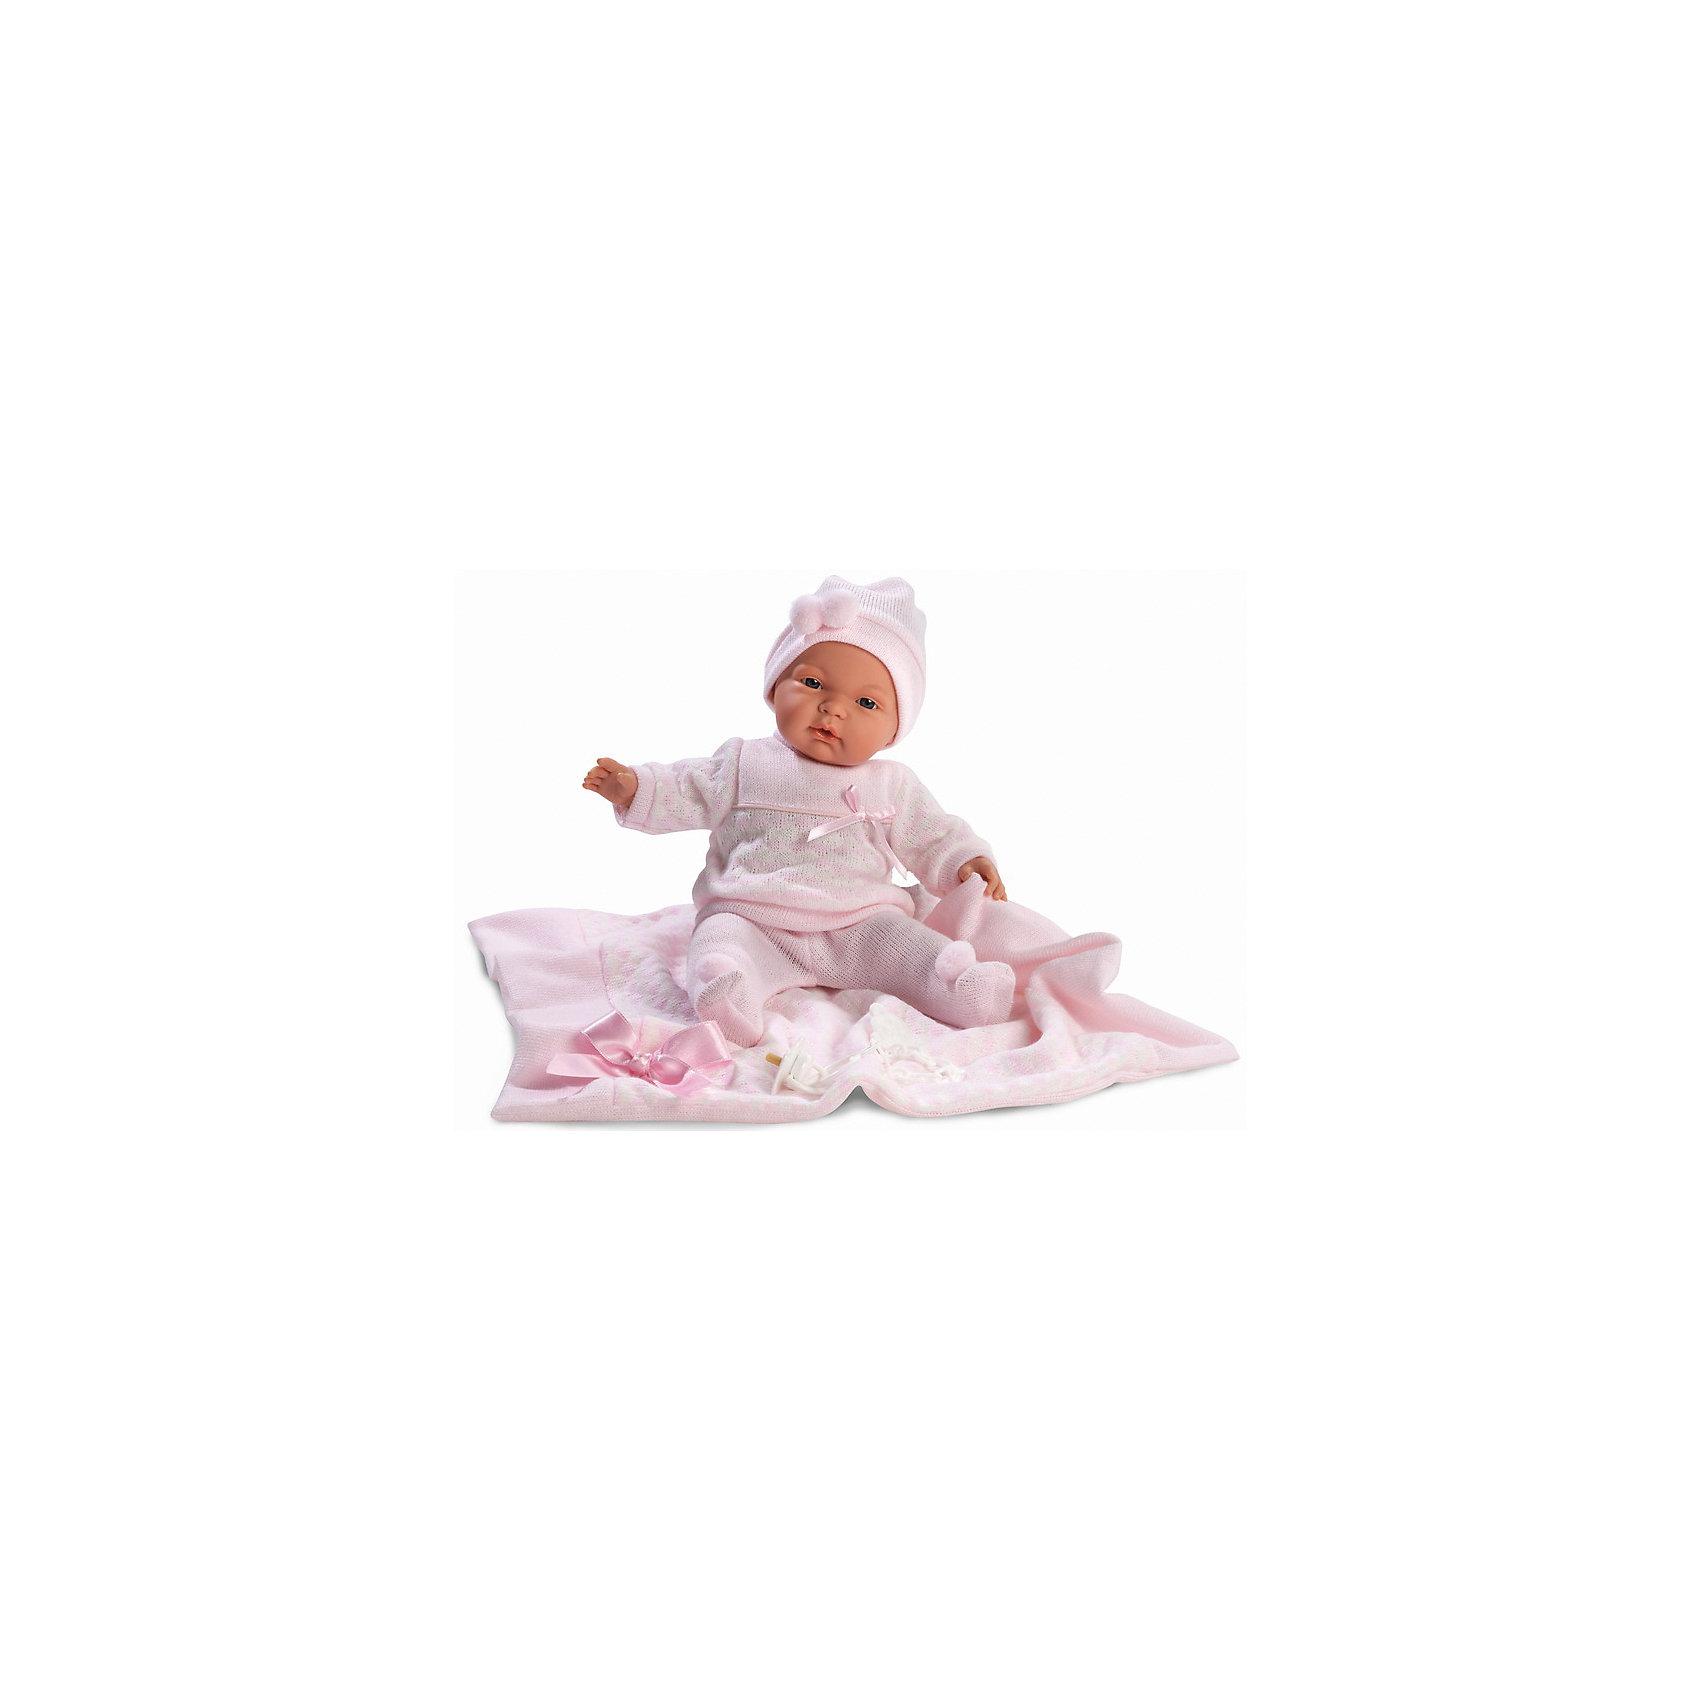 Кукла Жоэль с одеялом, 38 см, LlorensКлассические куклы<br>Характеристики:<br><br>• Предназначение: для сюжетно-ролевых игр<br>• Тип куклы: мягконабивная<br>• Пол куклы: девочка <br>• Волосы: прорисованные<br>• Материал: поливинилхлорид, пластик, текстиль<br>• Цвет: розовый<br>• Высота куклы: 38 см<br>• Комплектация: кукла, ползунки, кофточка, чепчик, плед, пустышка на цепочке<br>• Вес: 1 кг 050 г<br>• Размеры упаковки (Д*В*Ш): 23*45*12 см<br>• Упаковка: подарочная картонная коробка <br>• Особенности ухода: допускается деликатная стирка без использования красящих и отбеливающих средств предметов одежды куклы<br><br>Кукла Жоэль 38 см без звука – кукла, производителем которого является всемирно известный испанский кукольный бренд Llorens. Куклы этой торговой марки имеют свою неповторимую внешность и целую линейку образов как пупсов, так и кукол-малышей. Игрушки выполнены из сочетания поливинилхлорида и пластика, что позволяет с высокой долей достоверности воссоздать физиологические и мимические особенности маленьких детей. При изготовлении кукол Llorens используются только сертифицированные материалы, безопасные и не вызывающие аллергических реакций. Волосы у кукол-пупсов прорисованные; ручки и ножки двигаются.<br>Кукла Жоэль 38 см без звука выполнена в образе очаровательной малышки: голубые глазки и пухлые щечки создают невероятно очаровательный и милый образ. В комплект одежды Жоэль входит костюмчик нежно-розового цвета, состоящий из ползунков, кофточки и чепчика. У малышки имеется соска на цепочке-держателе. Кроме того, предусмотрен плед-одеяло, декорированный атласным бантиком.<br>Кукла Жоэль 38 см без звука – это идеальный вариант для подарка к различным праздникам и торжествам.<br><br>Куклу Жоэль 38 см без звука можно купить в нашем интернет-магазине.<br><br>Ширина мм: 23<br>Глубина мм: 45<br>Высота мм: 12<br>Вес г: 1050<br>Возраст от месяцев: 36<br>Возраст до месяцев: 84<br>Пол: Женский<br>Возраст: Детский<br>SKU: 5086912